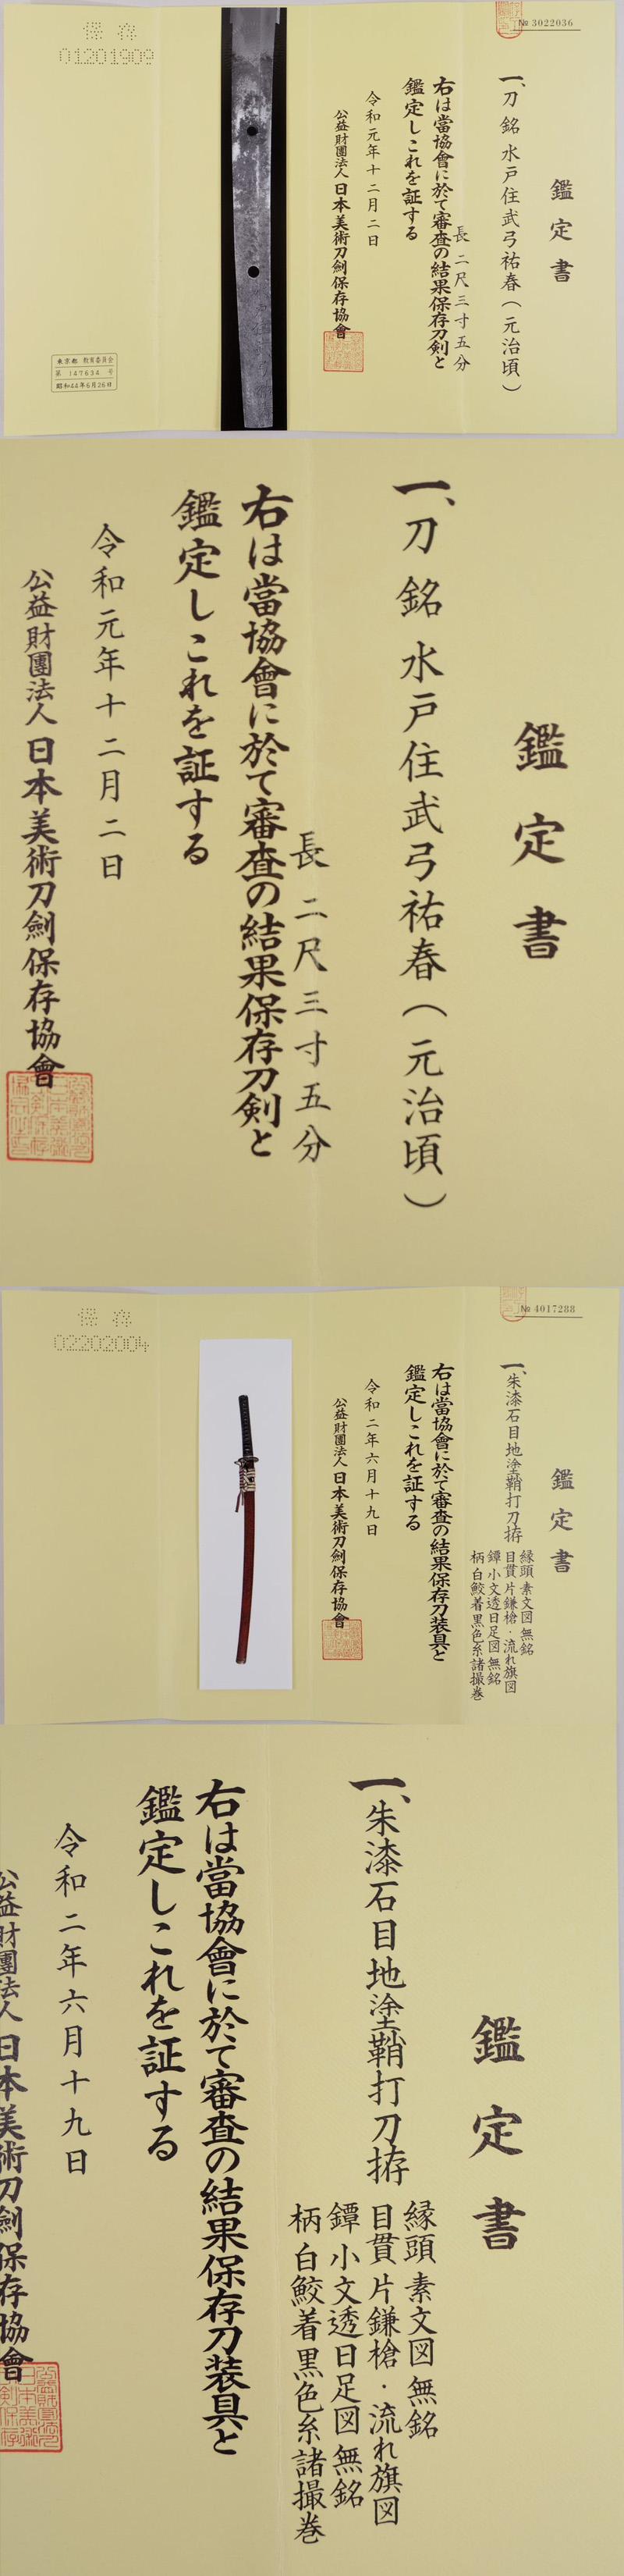 刀 水戸住武弓祐春(元治頃) Picture of Certificate